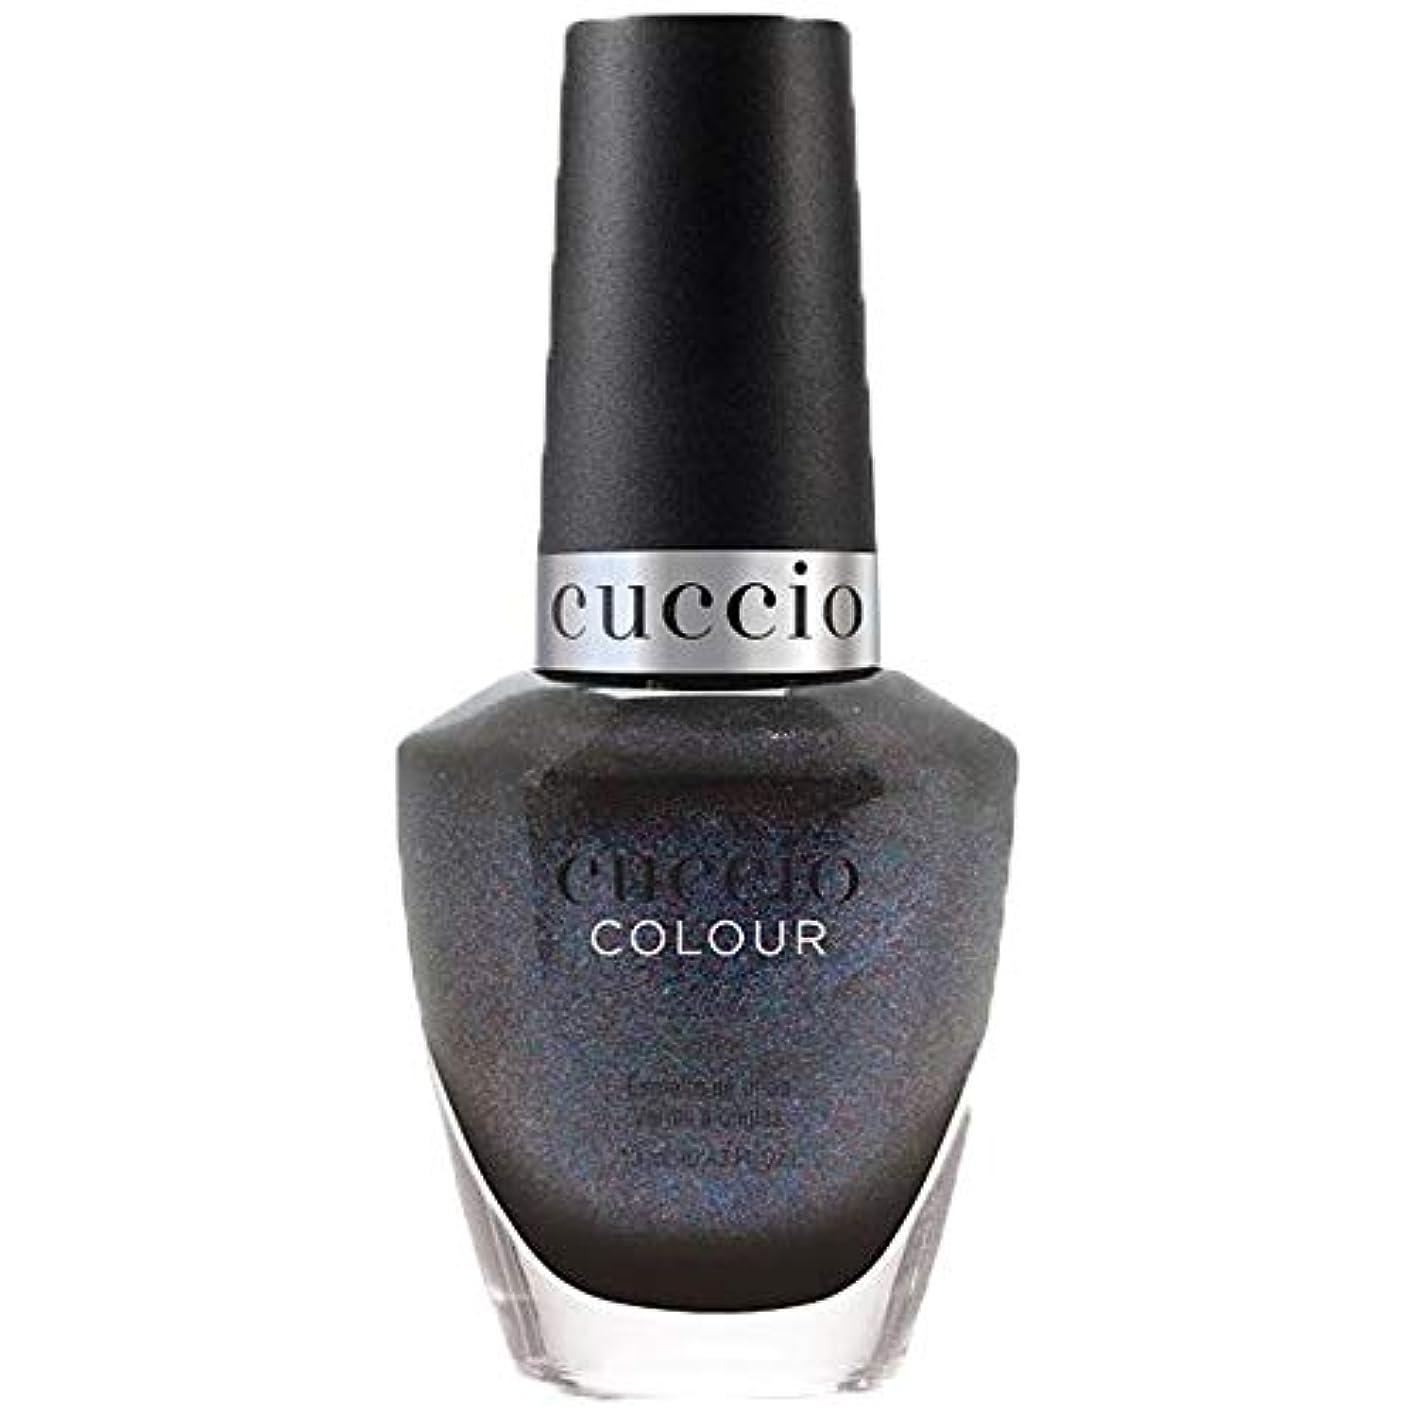 ボタンよろめくレンダーCuccio Colour Nail Lacquer - Tapestry Collection - Cover Me Up! - 13 mL / 0.43 oz